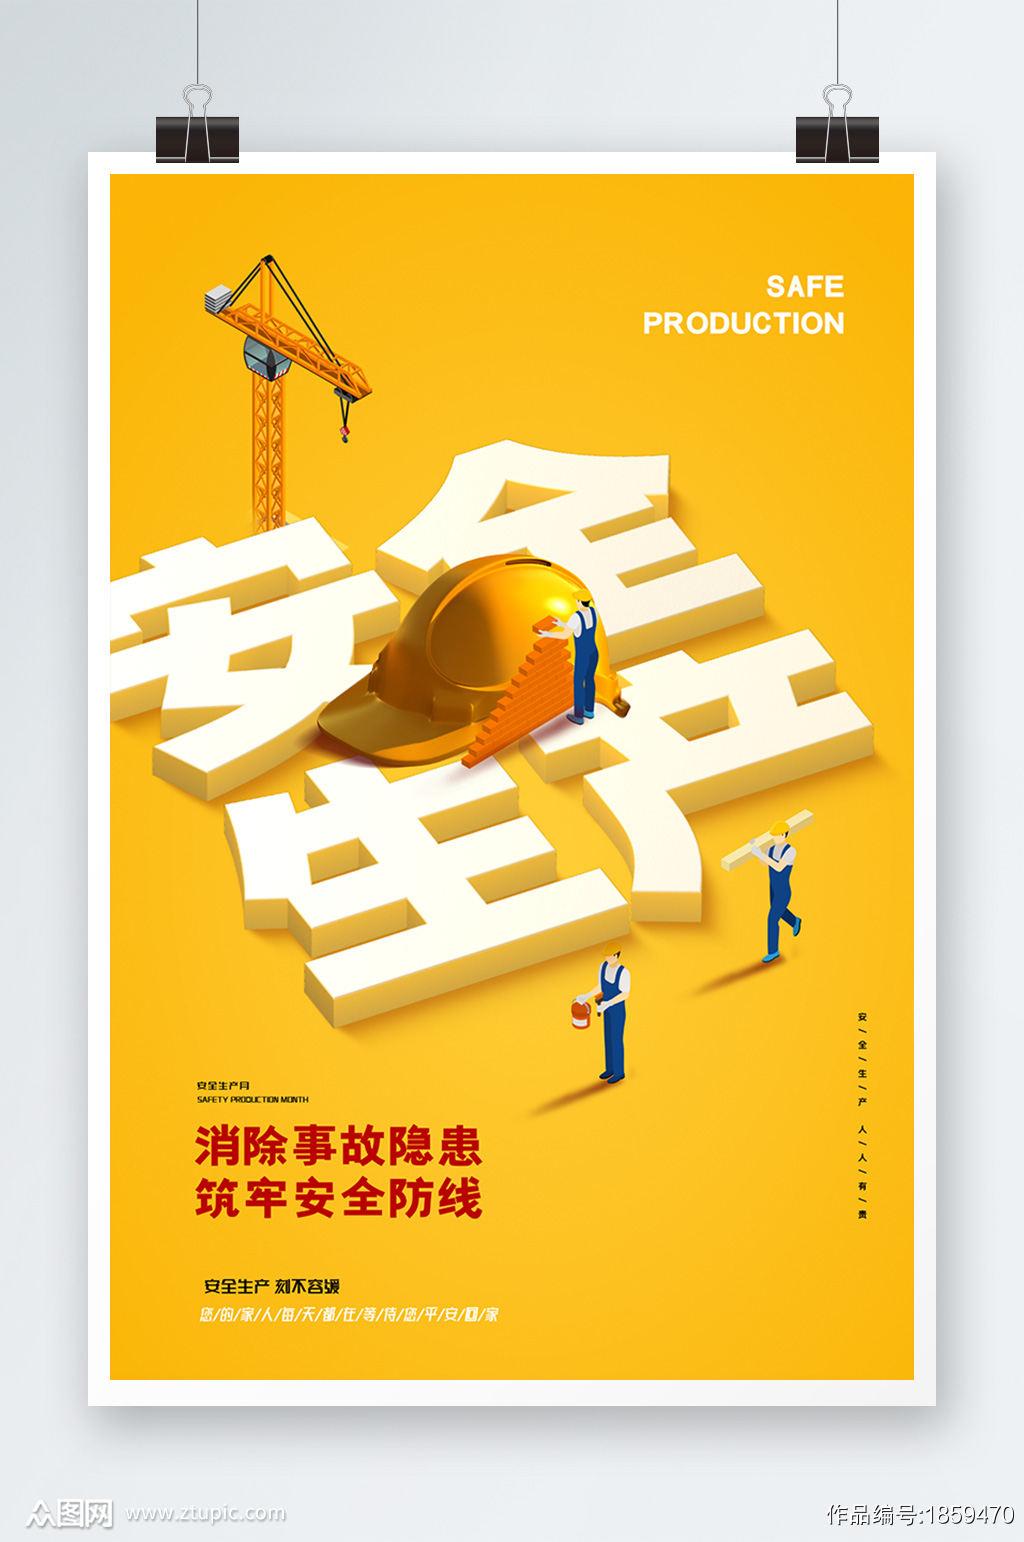 简约黄色安全生产月海报素材